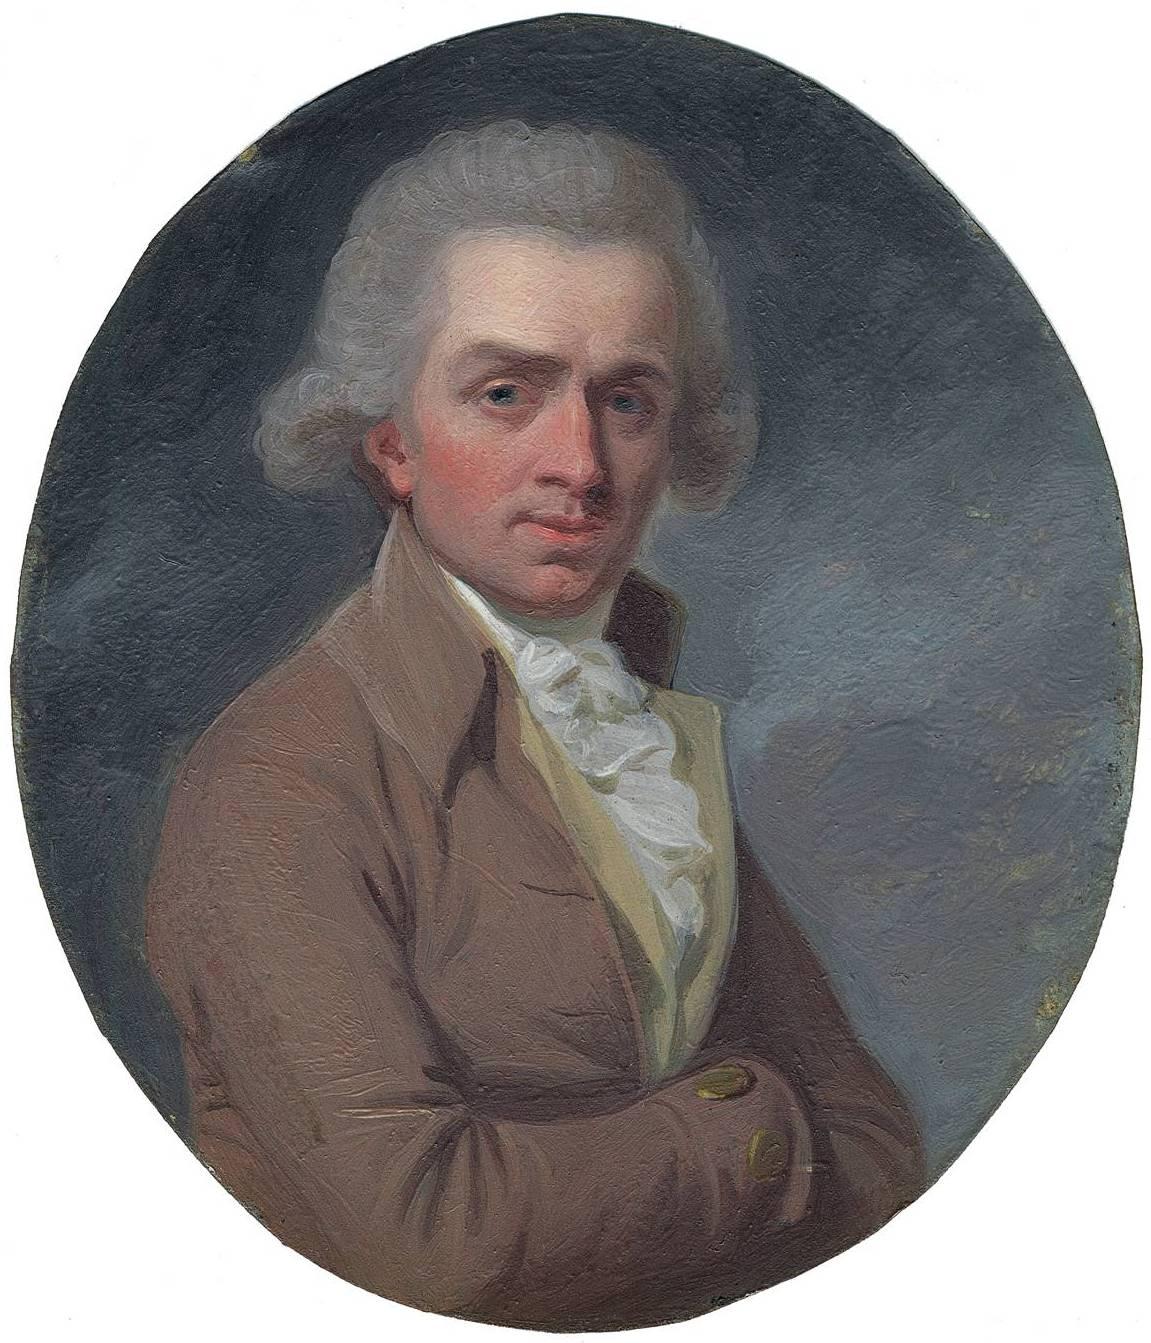 Portrait of Samuel de Wilde (1748-1832) by unknown artist